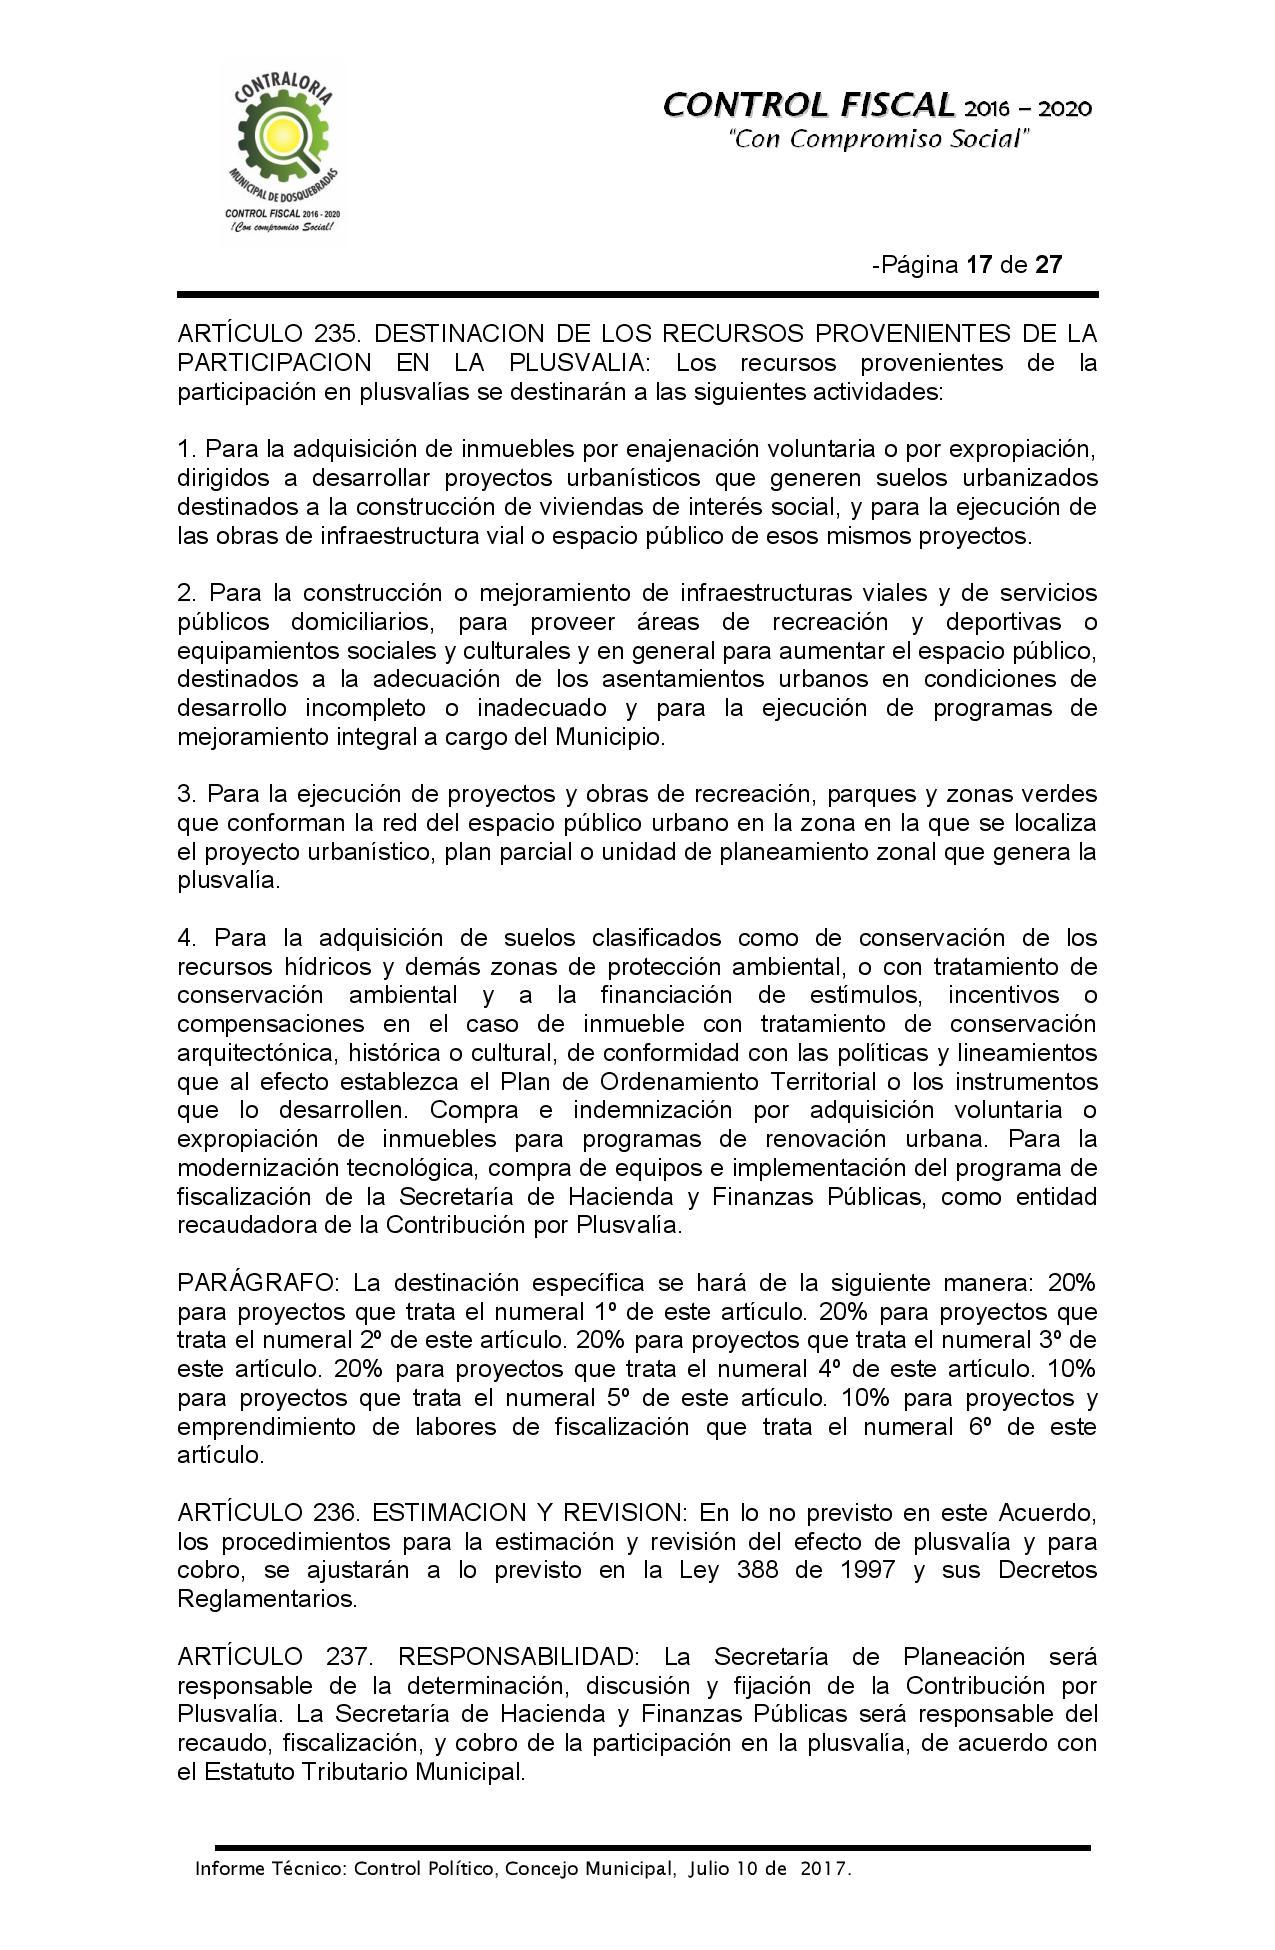 Informe Control Politico al Concejo_ -page-017